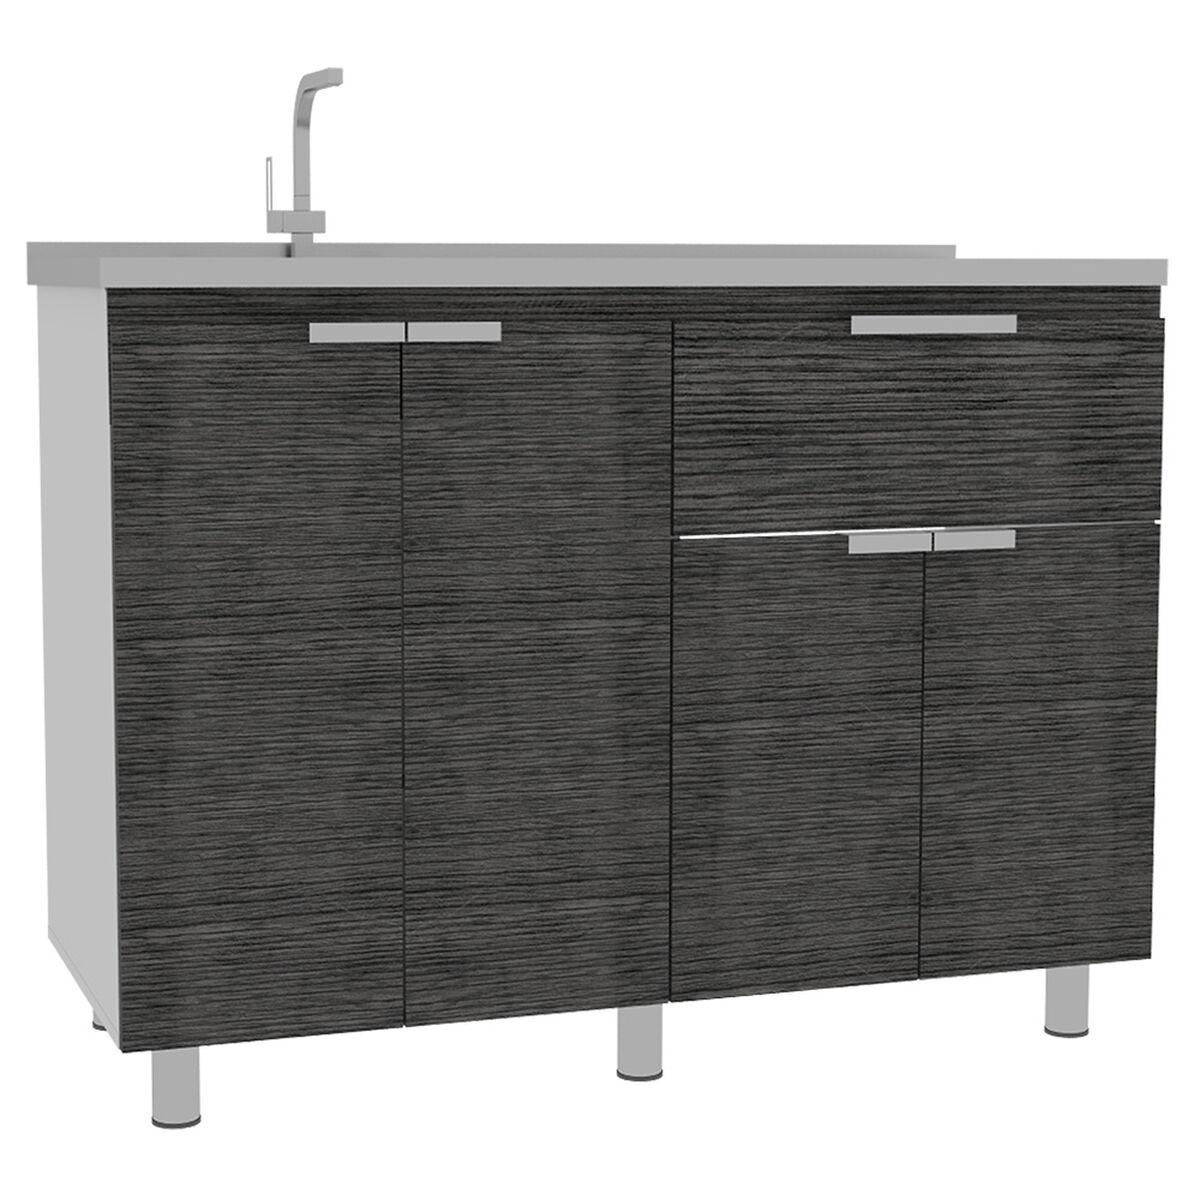 Combo 2 Fendi | Muebles Inferior + Superior + Alacena + Microondas